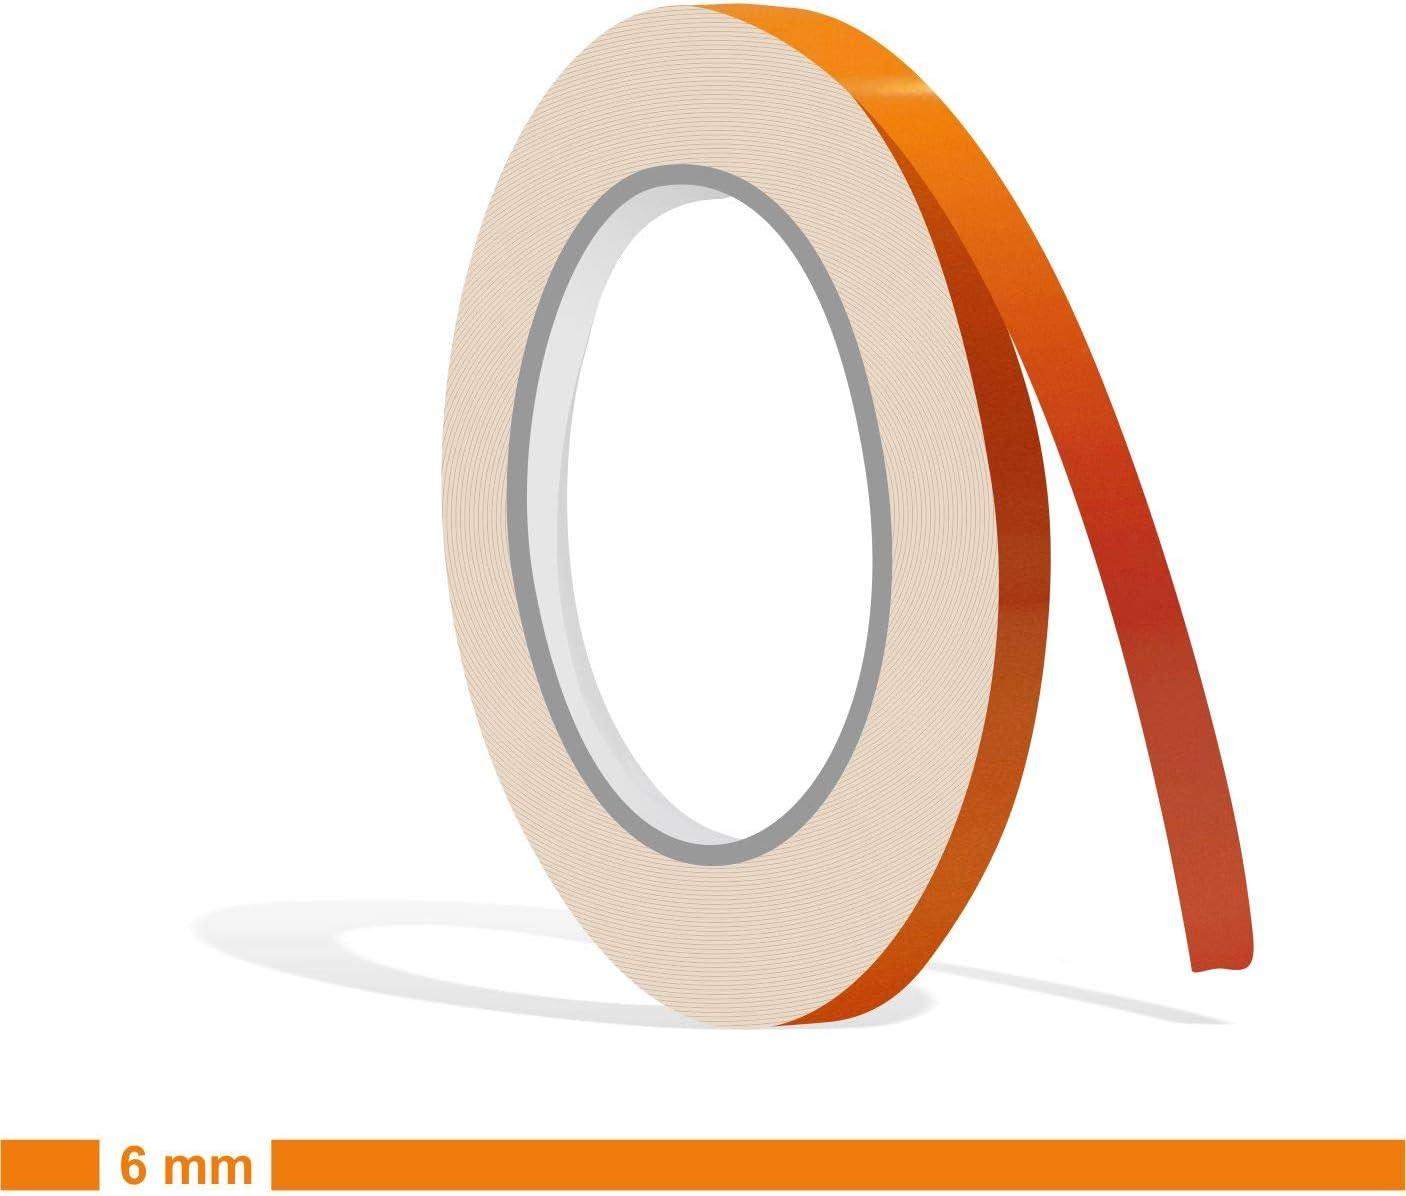 Siviwonder Zierstreifen Orange Glanz In 6 Mm Breite Und 10 M Länge Für Auto Boot Jetski Modellbau Klebeband Dekorstreifen Auto